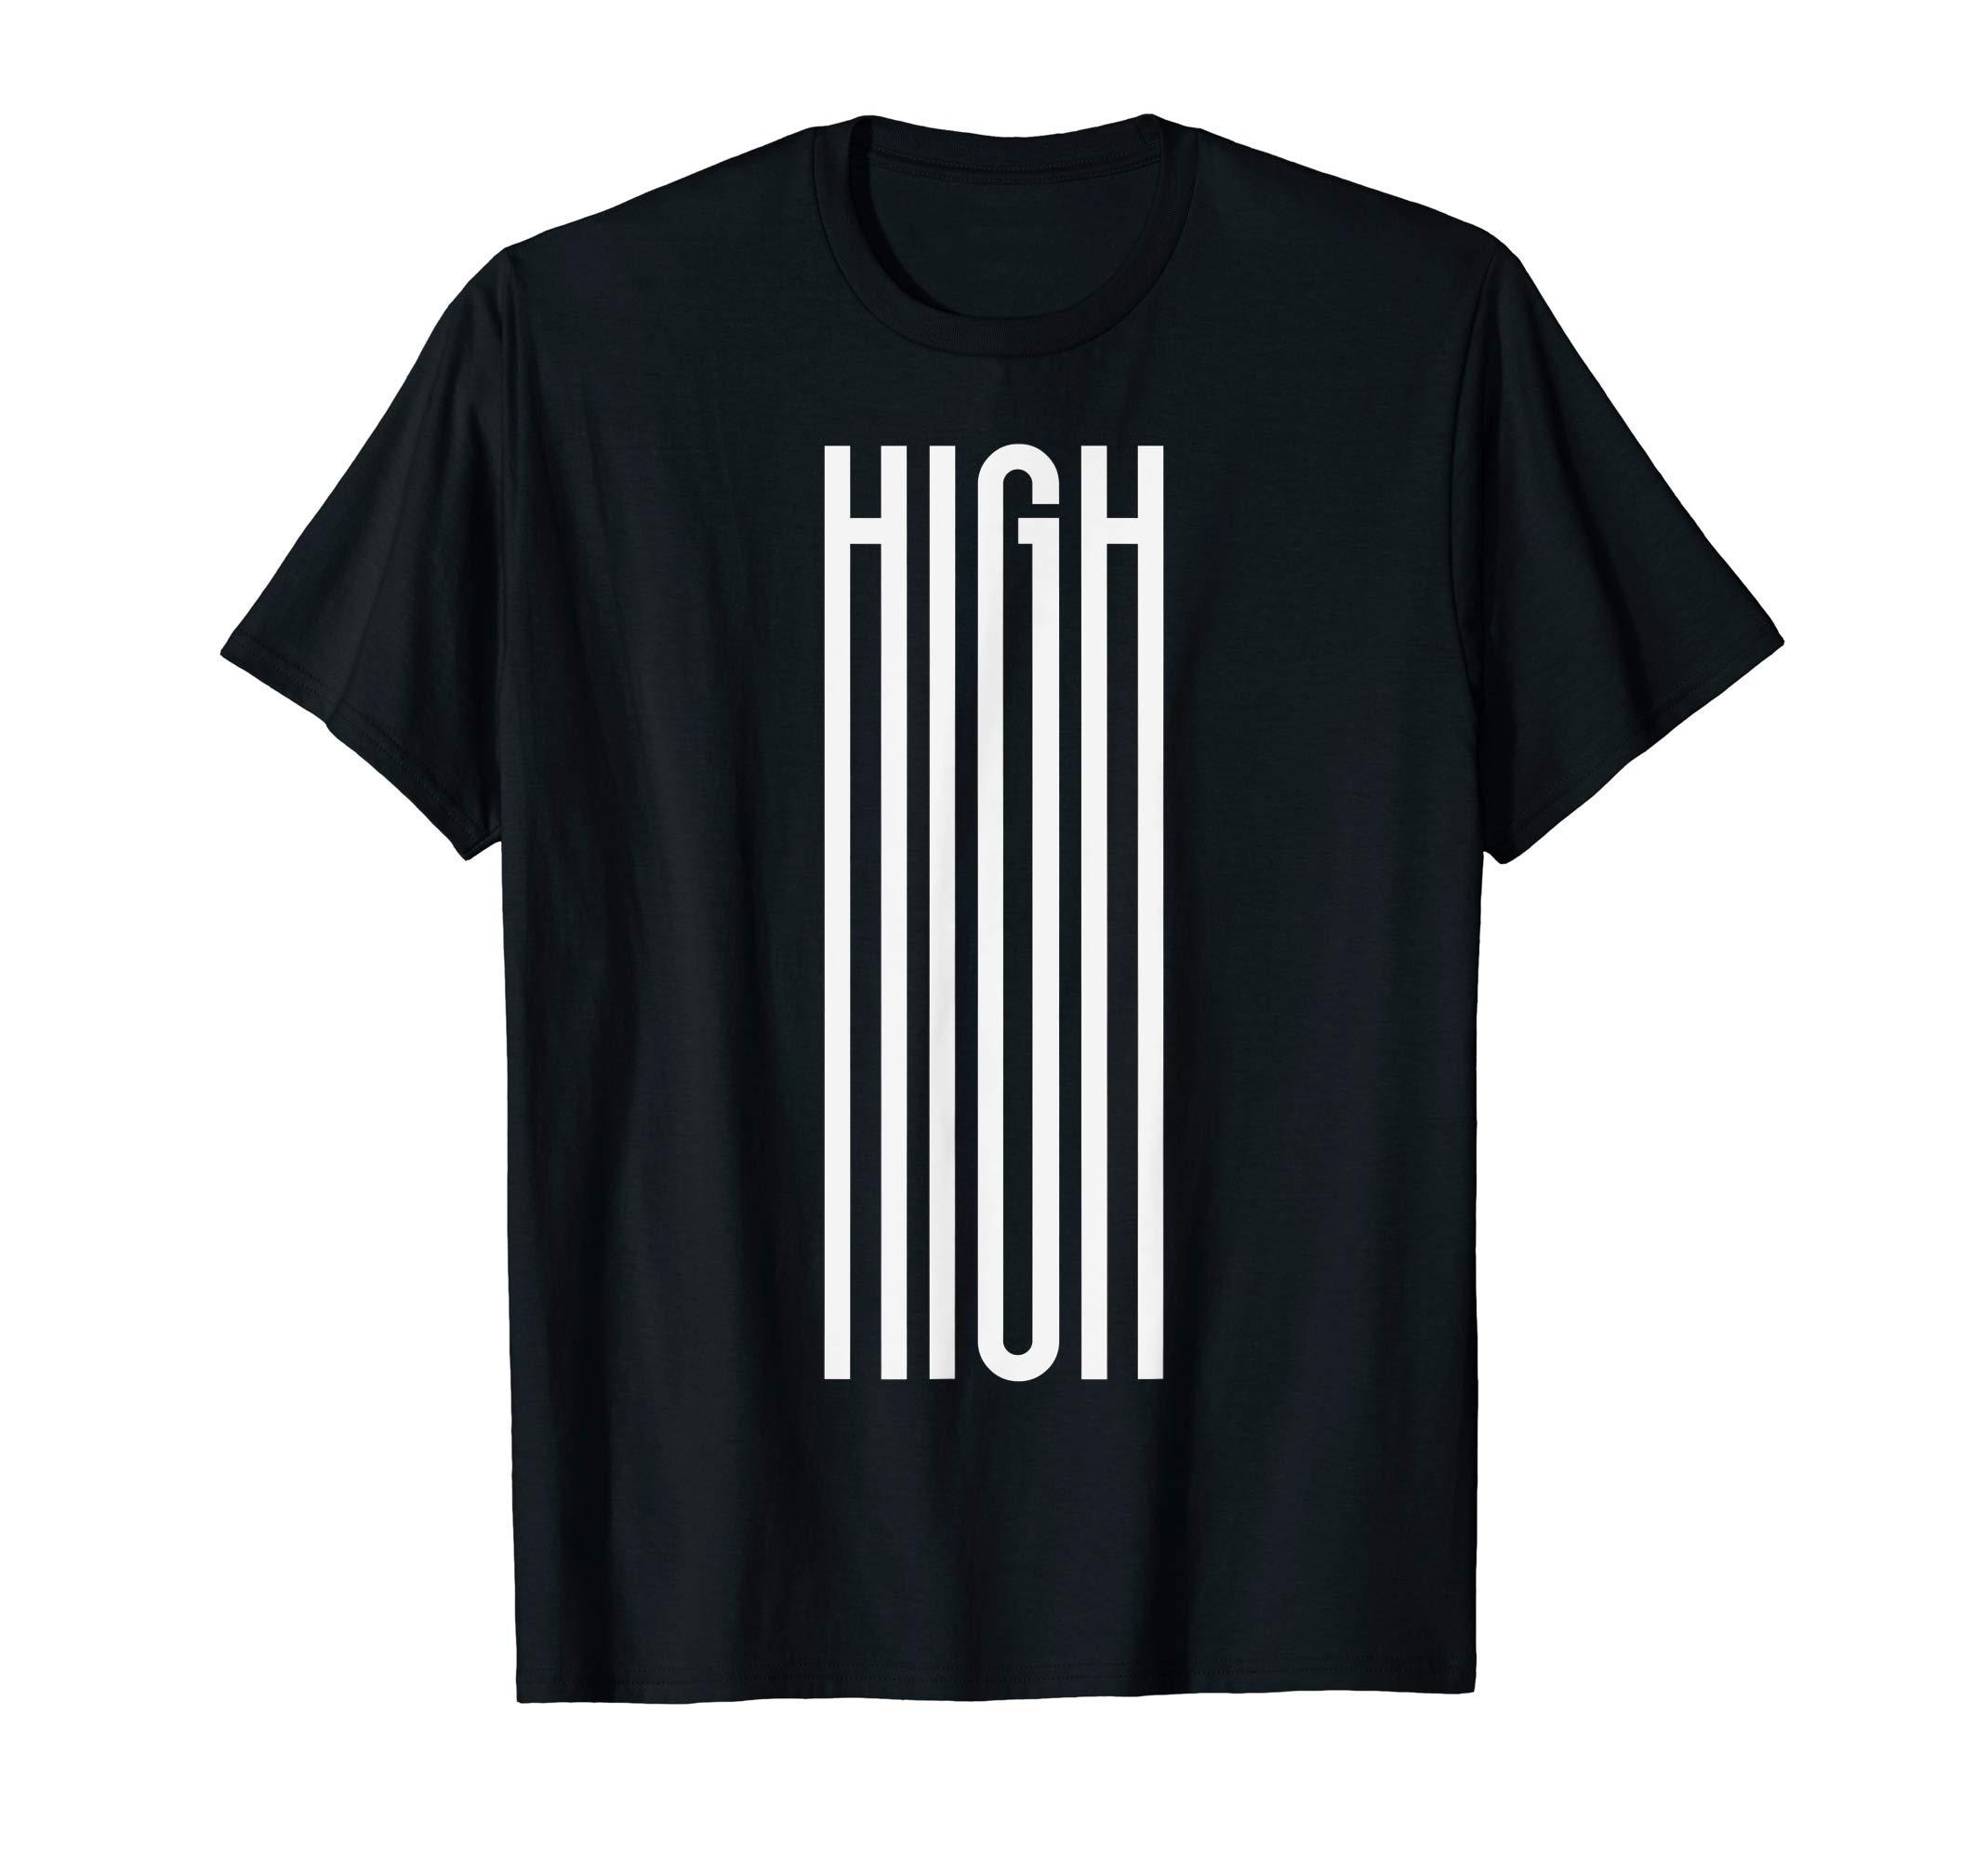 HIGH-420-Funny- T-Shirt